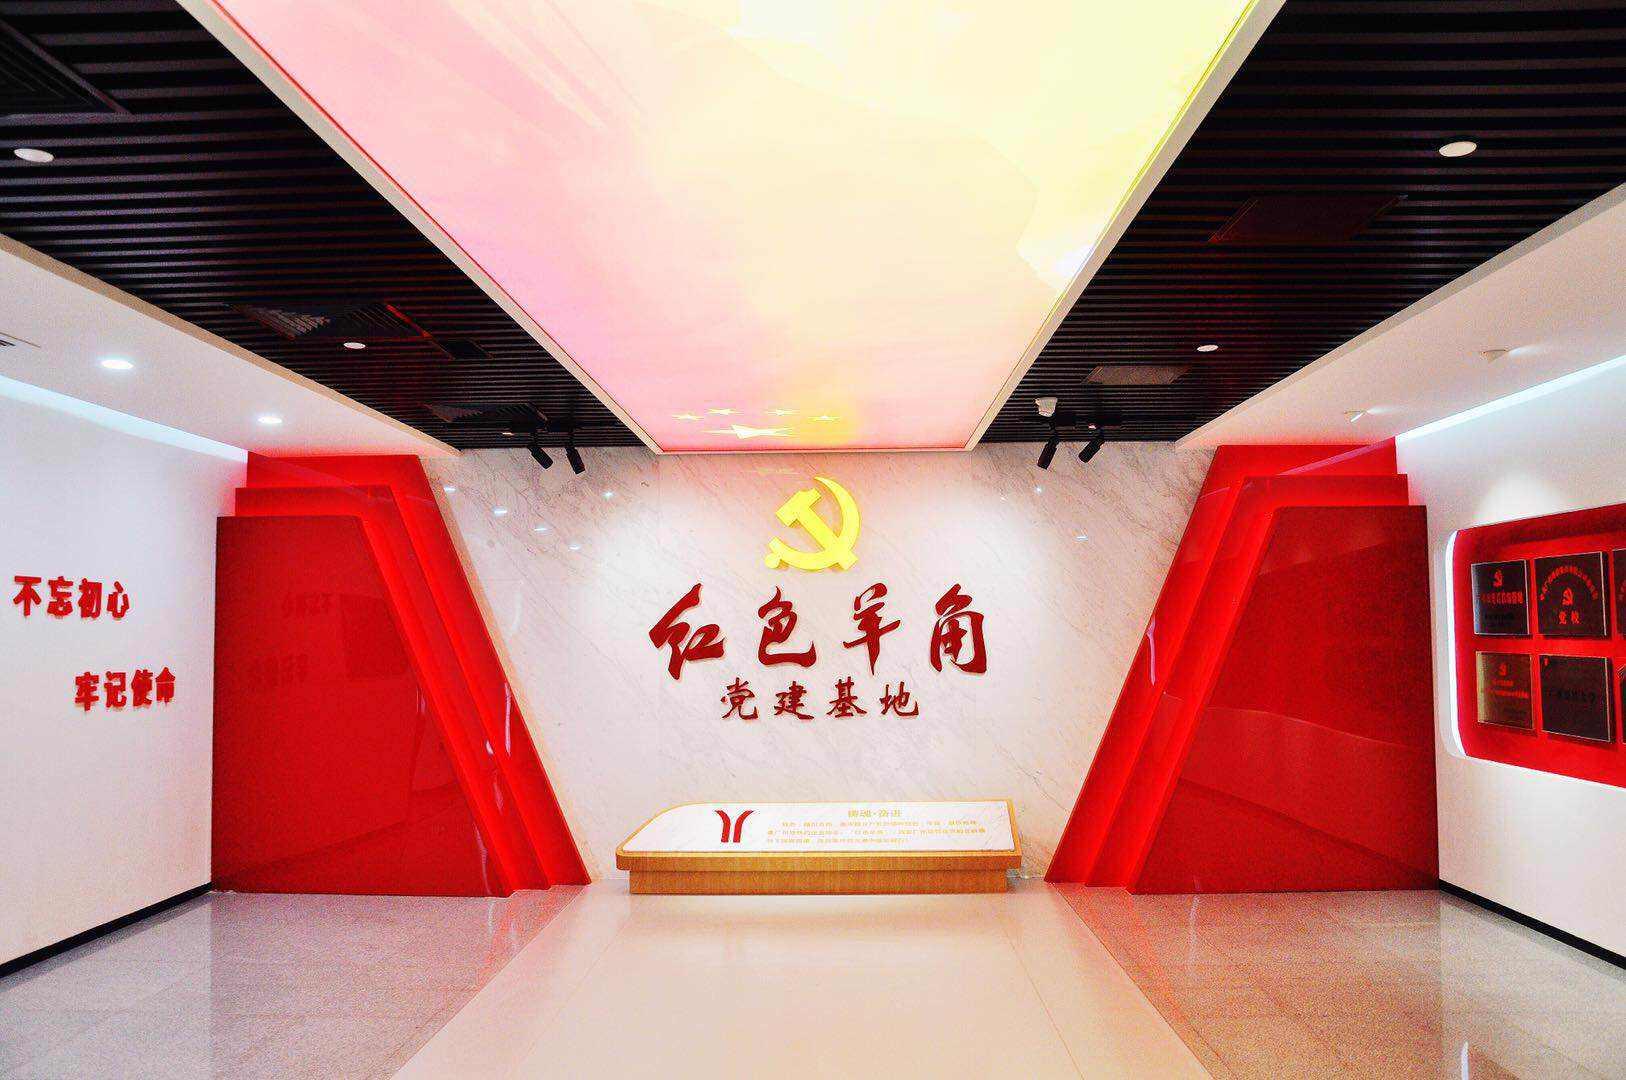 """广州地铁""""红色羊角""""党建基地正式启用,高清大?#21363;?#20320;抢先参观!"""